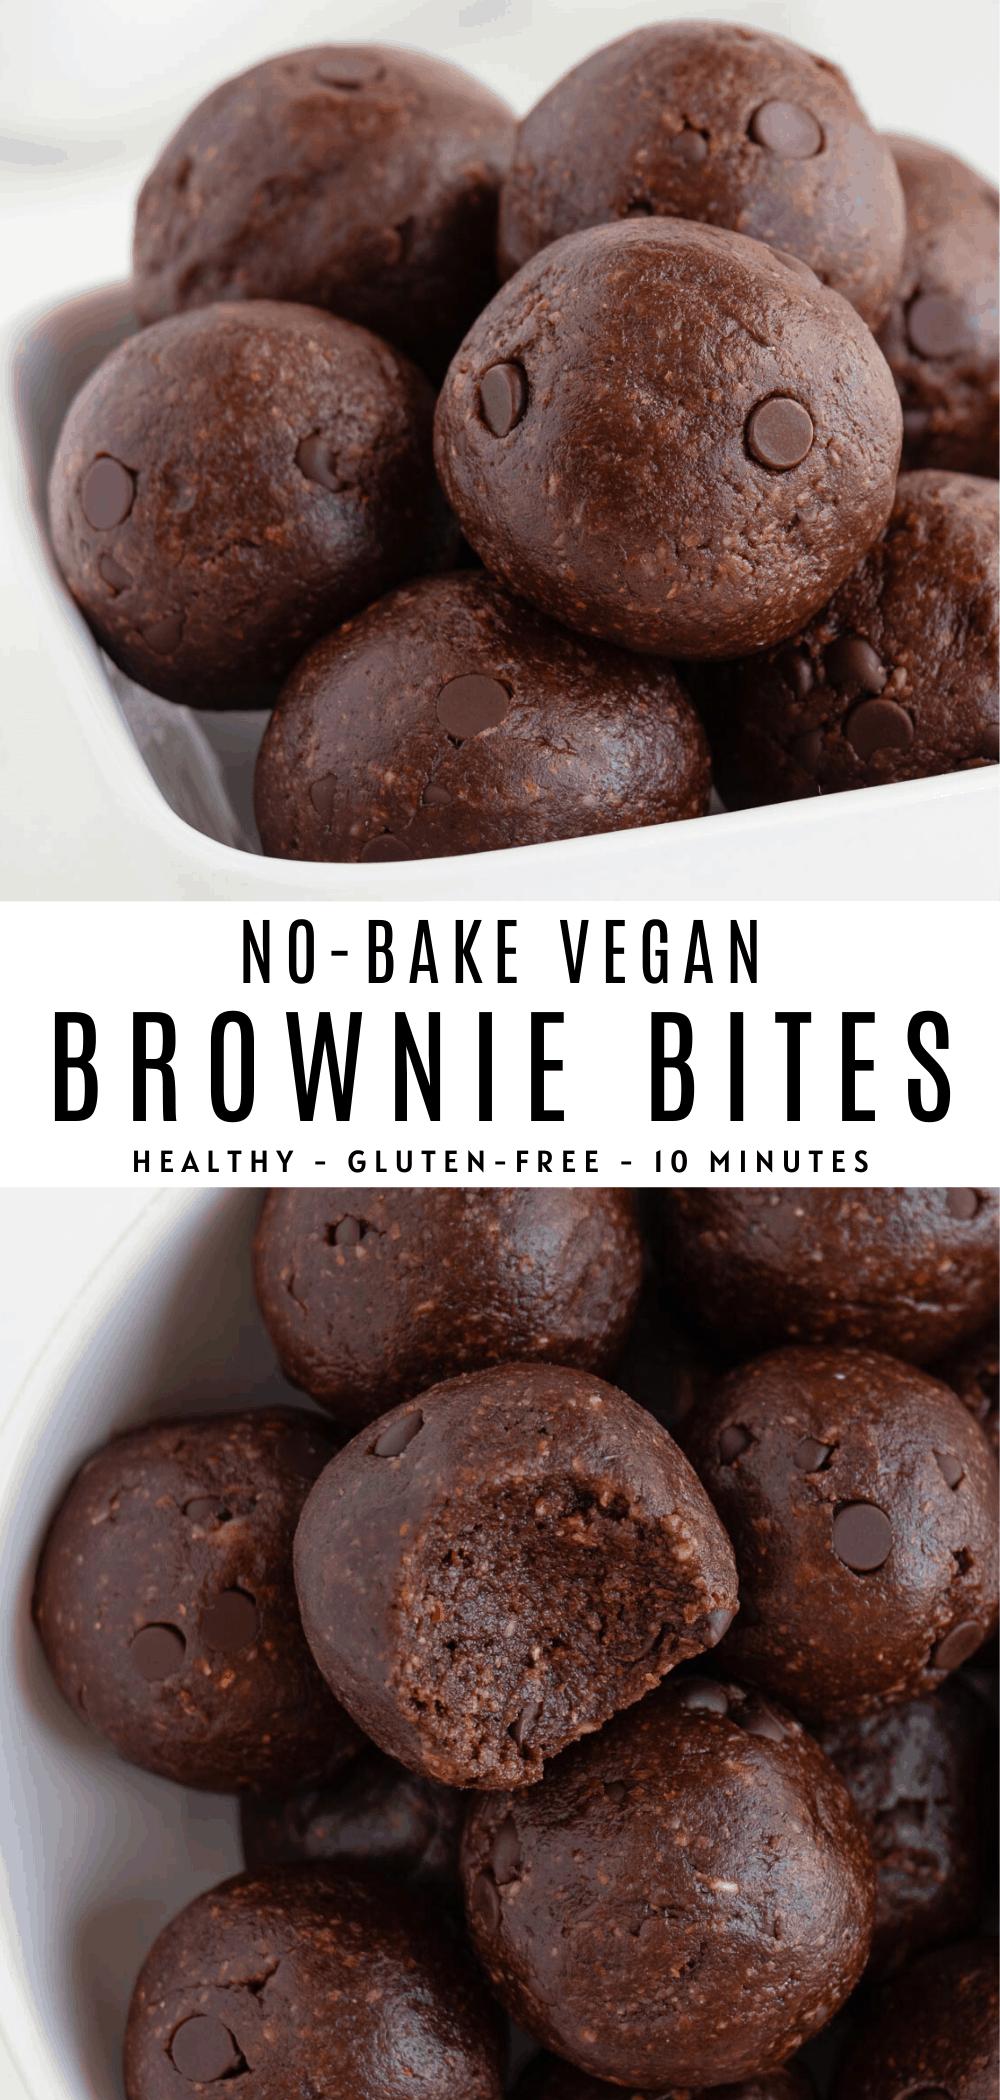 No Bake Brownie Bites Recipe In 2020 Vegan Snack Recipes Easy Baking Recipes Easy Baking